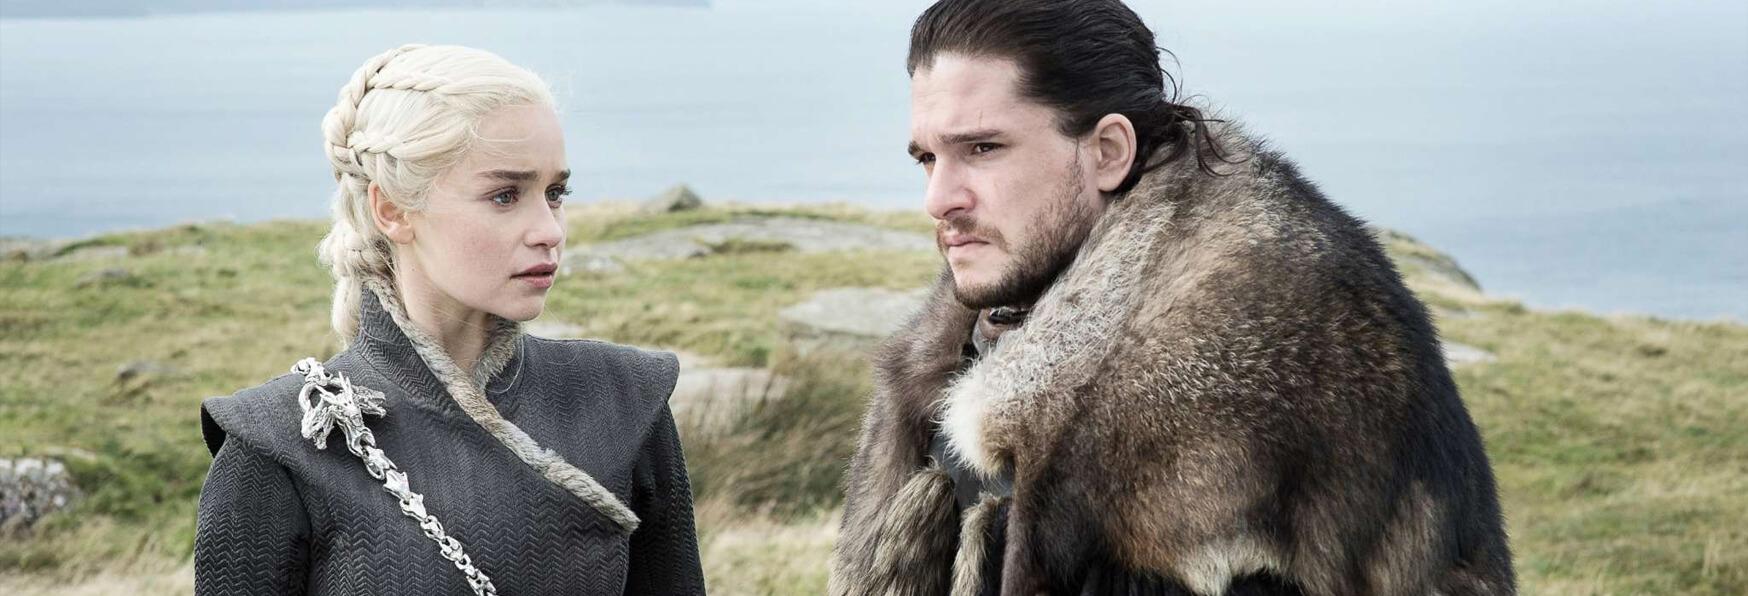 Game of Thrones: finite le riprese, quando andranno in onda?